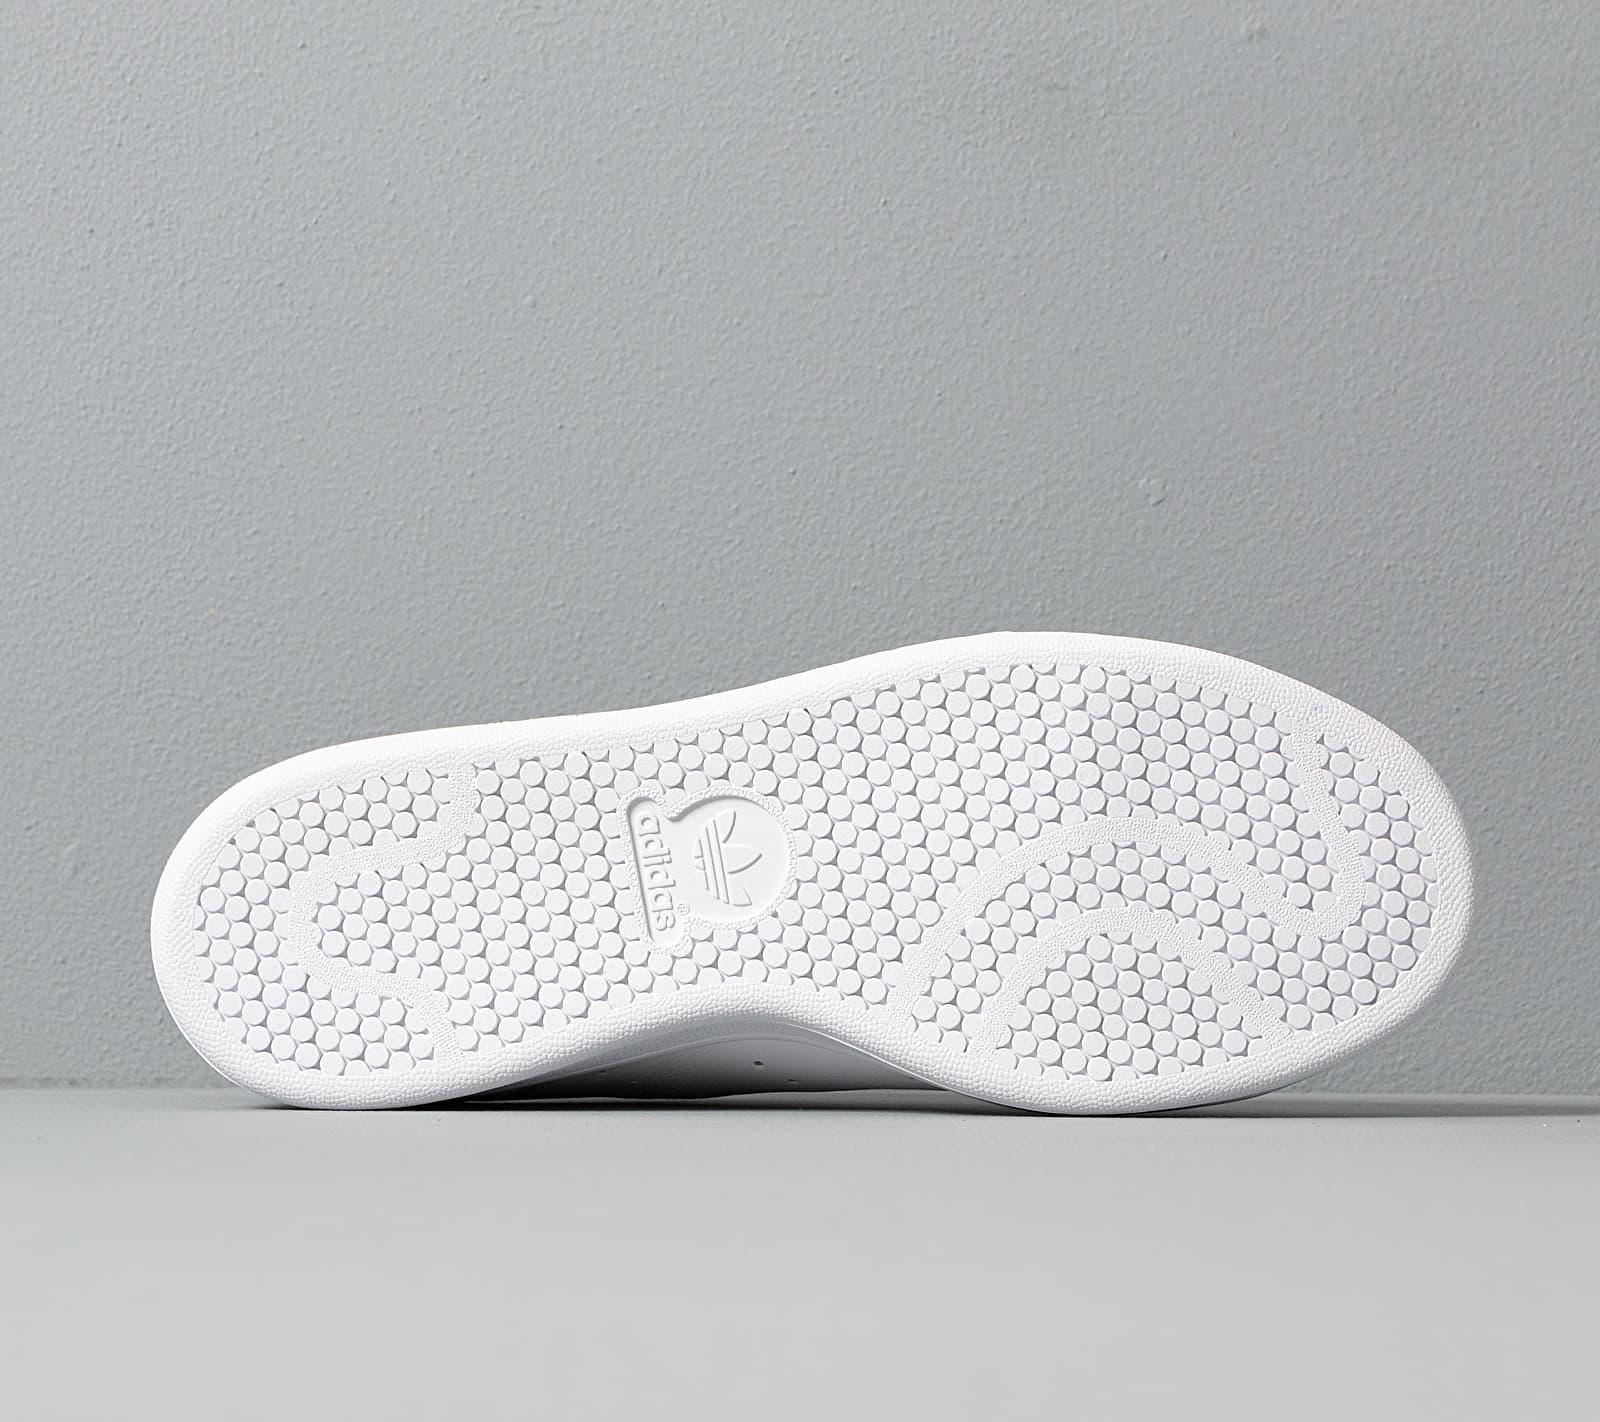 adidas Stan Smith W Ftw White/ Tech Mint/ Core Black